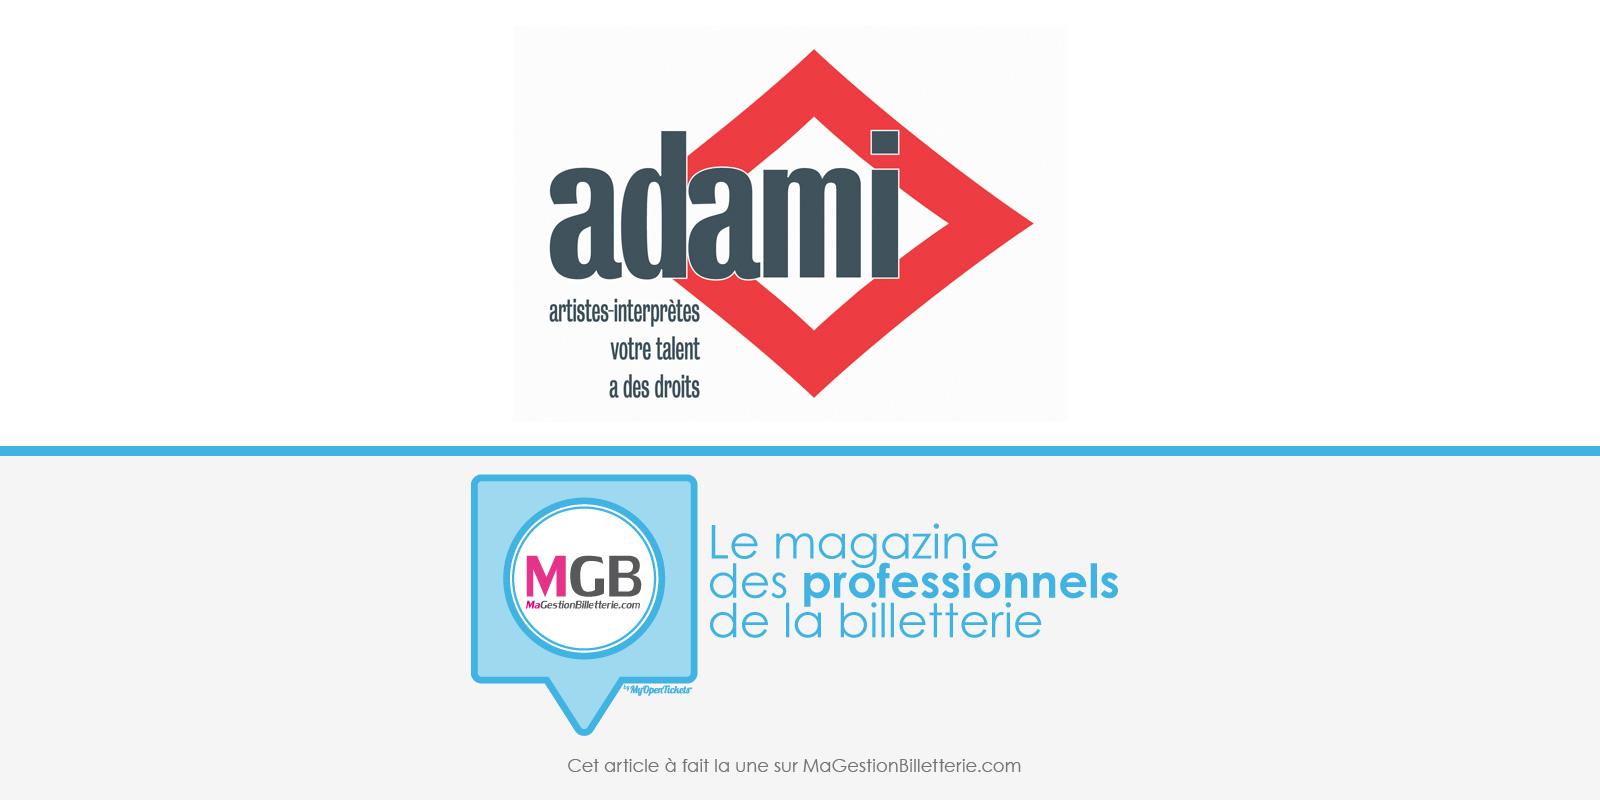 adami-une4